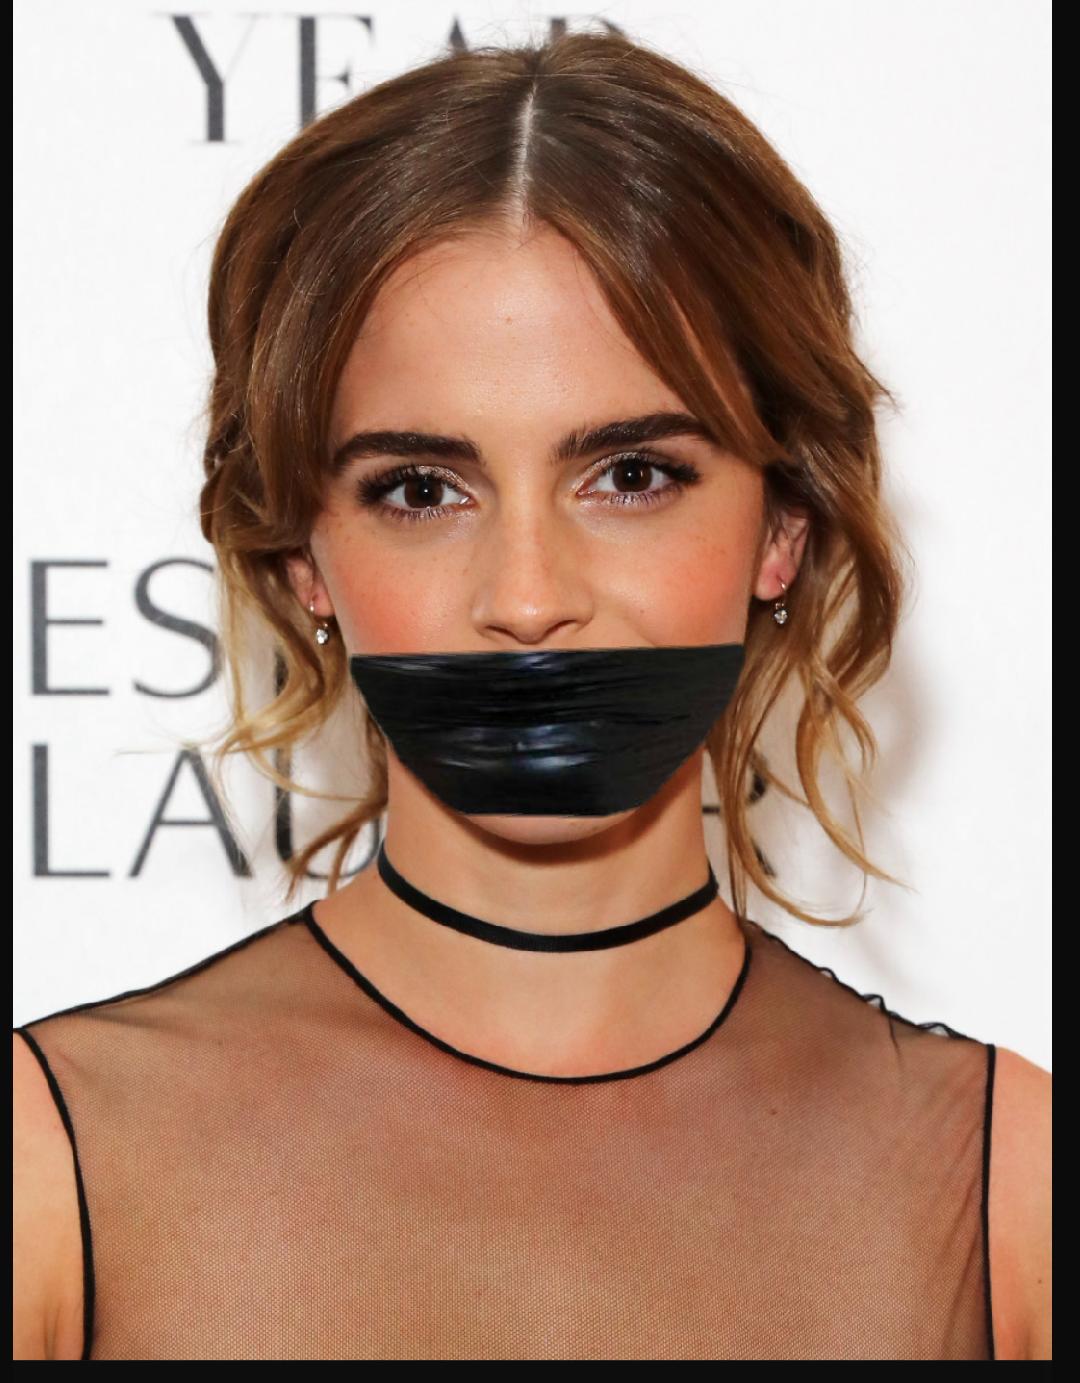 Emma Watson Gagged